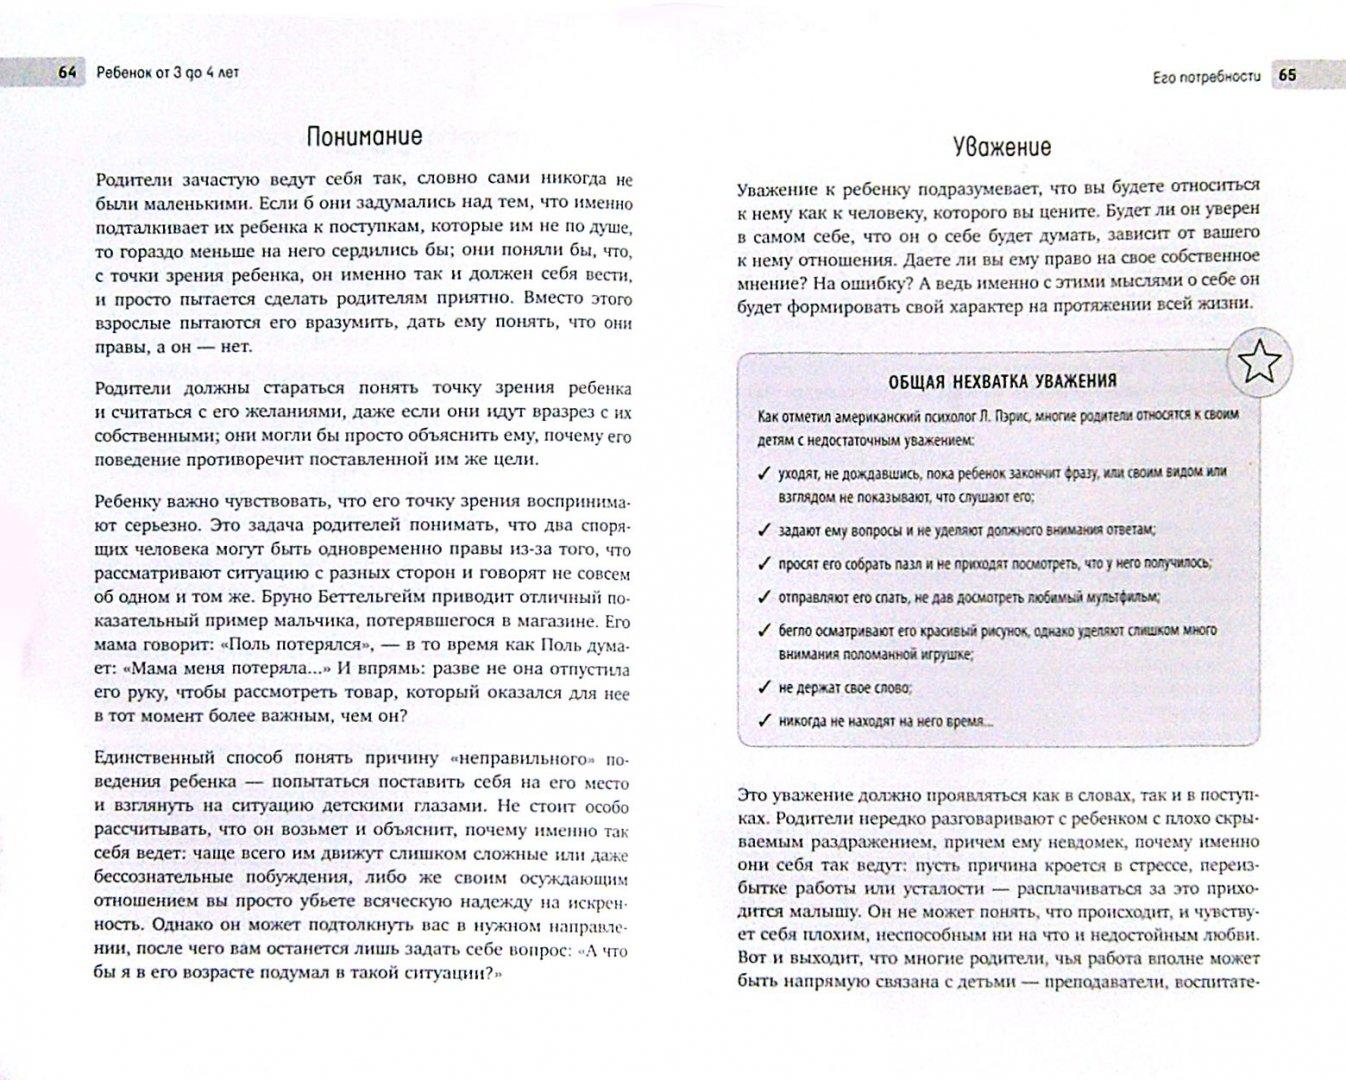 Иллюстрация 1 из 15 для Гид по воспитанию детей от 3 до 6 лет. Советы знаменитого французского психолога - Анн Бакюс | Лабиринт - книги. Источник: Лабиринт